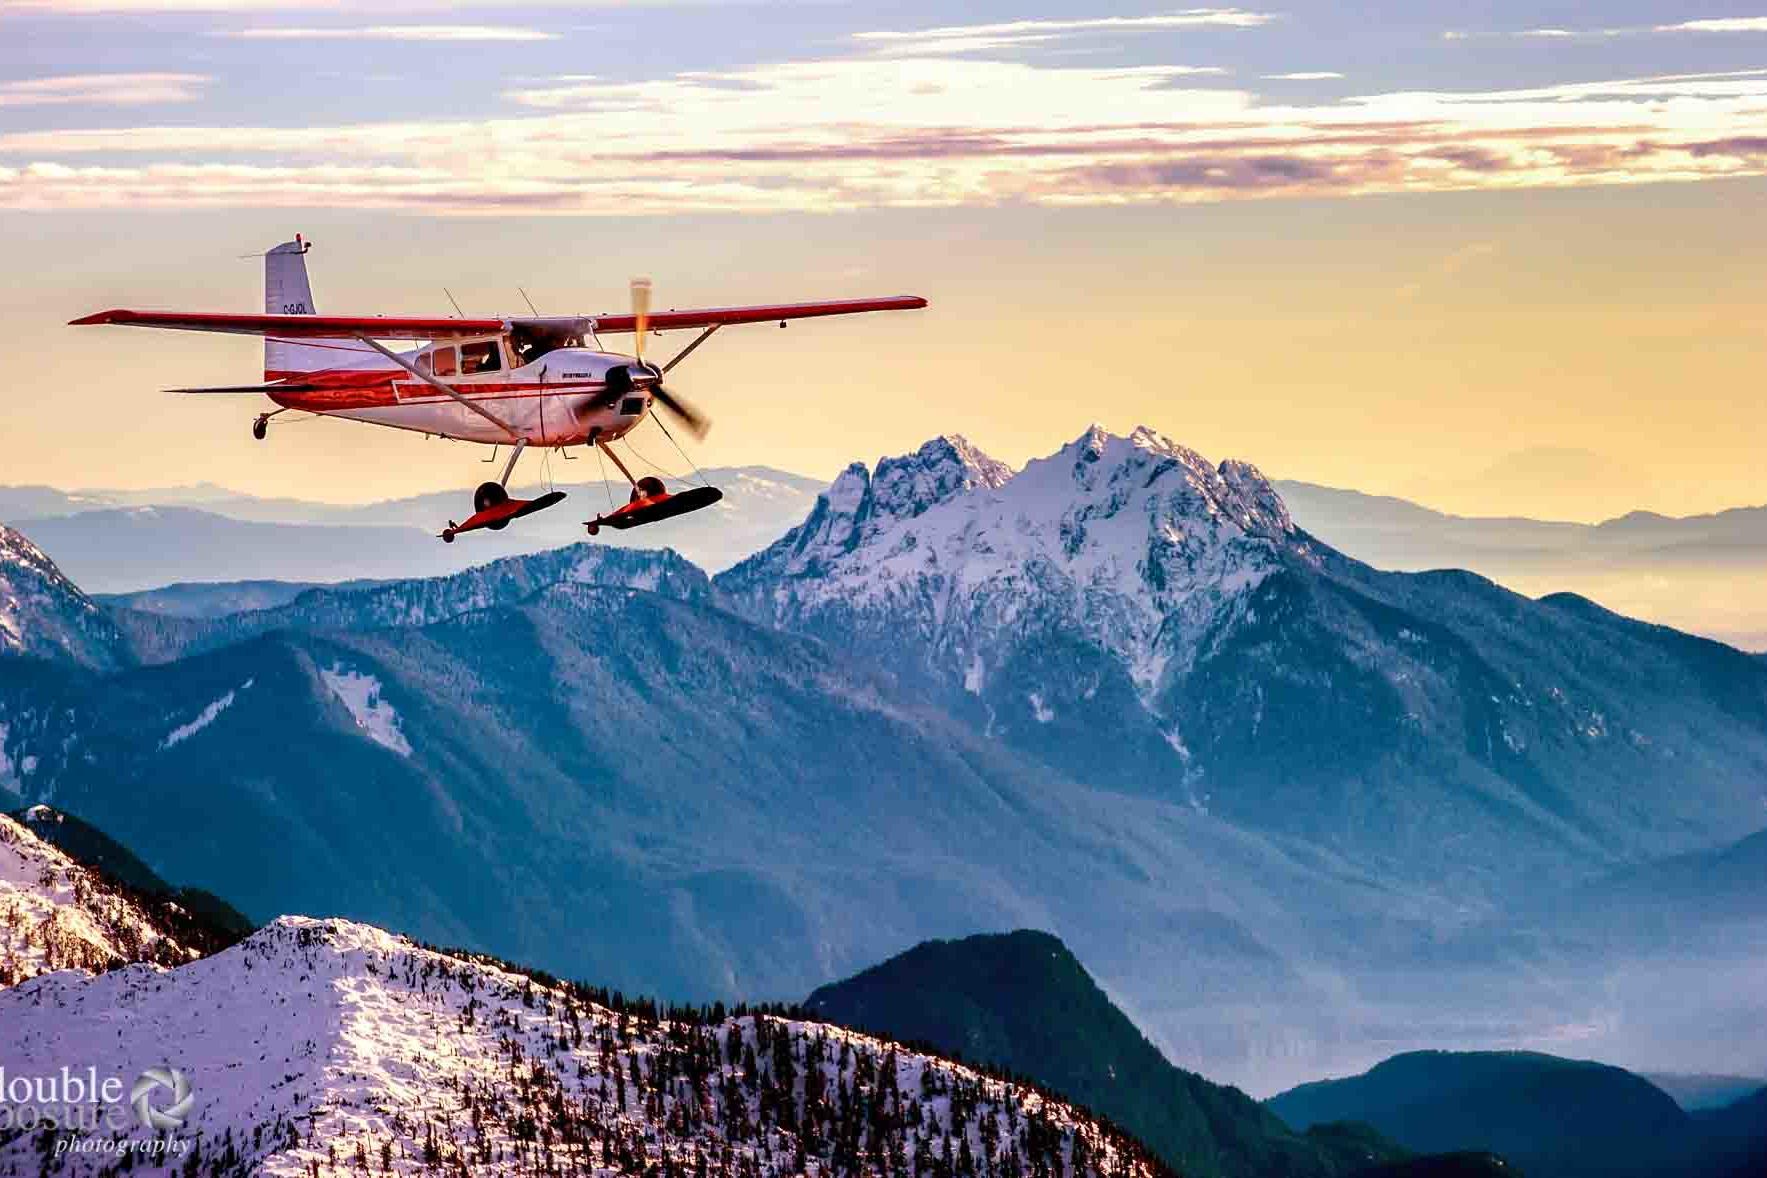 Cessna flies near mountains